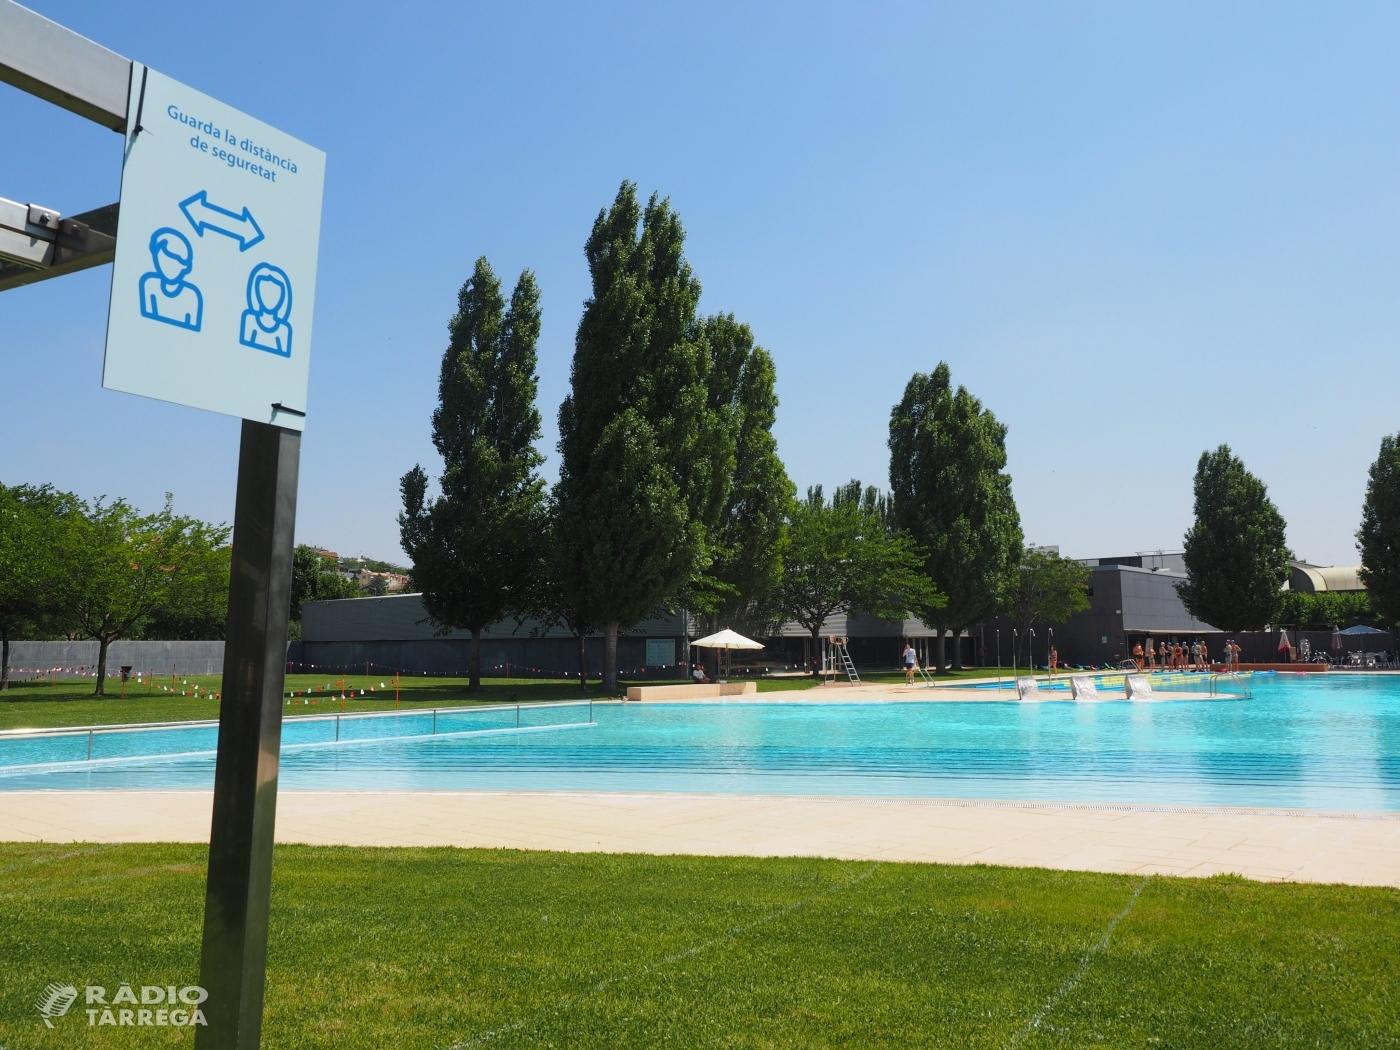 Tàrrega elimina les franges horàries a les piscines municipals d'estiu a partir del dimecres 1 de juliol